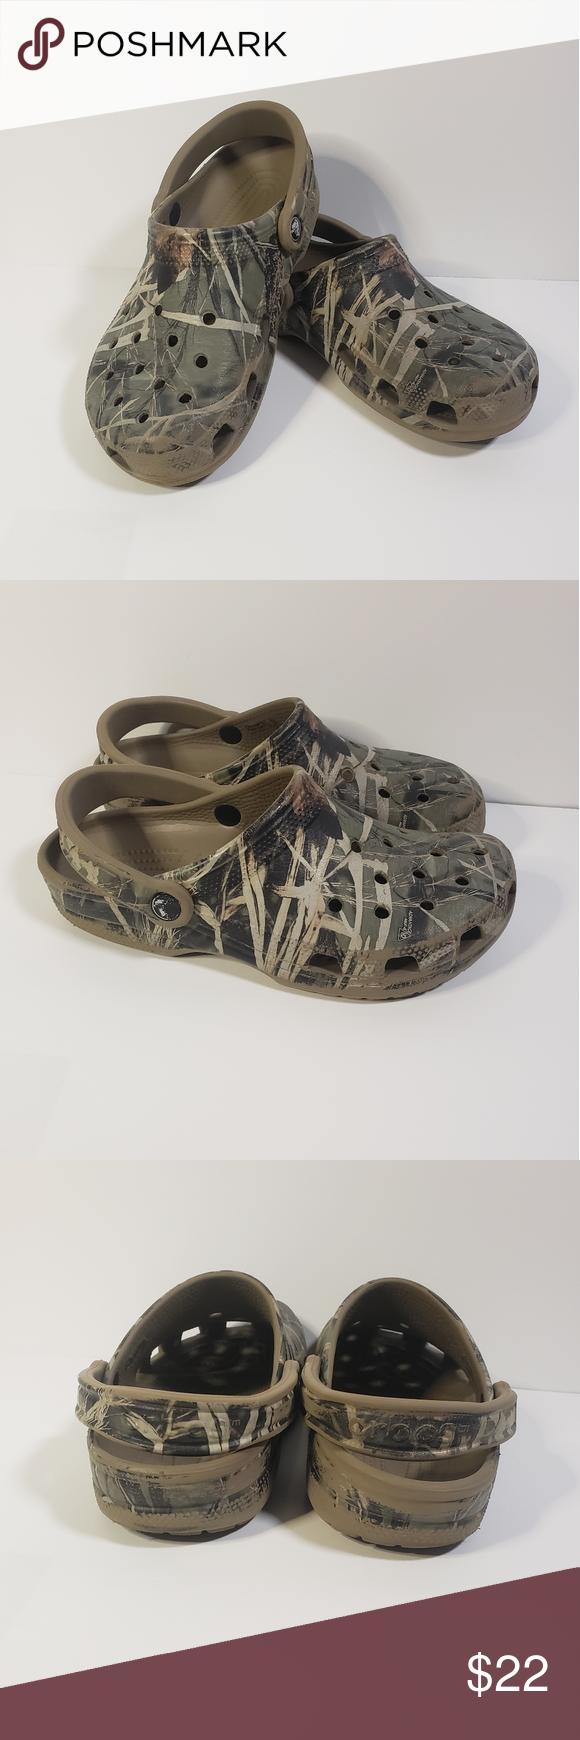 Camo Crocs in 2020 | Crocs, Women's